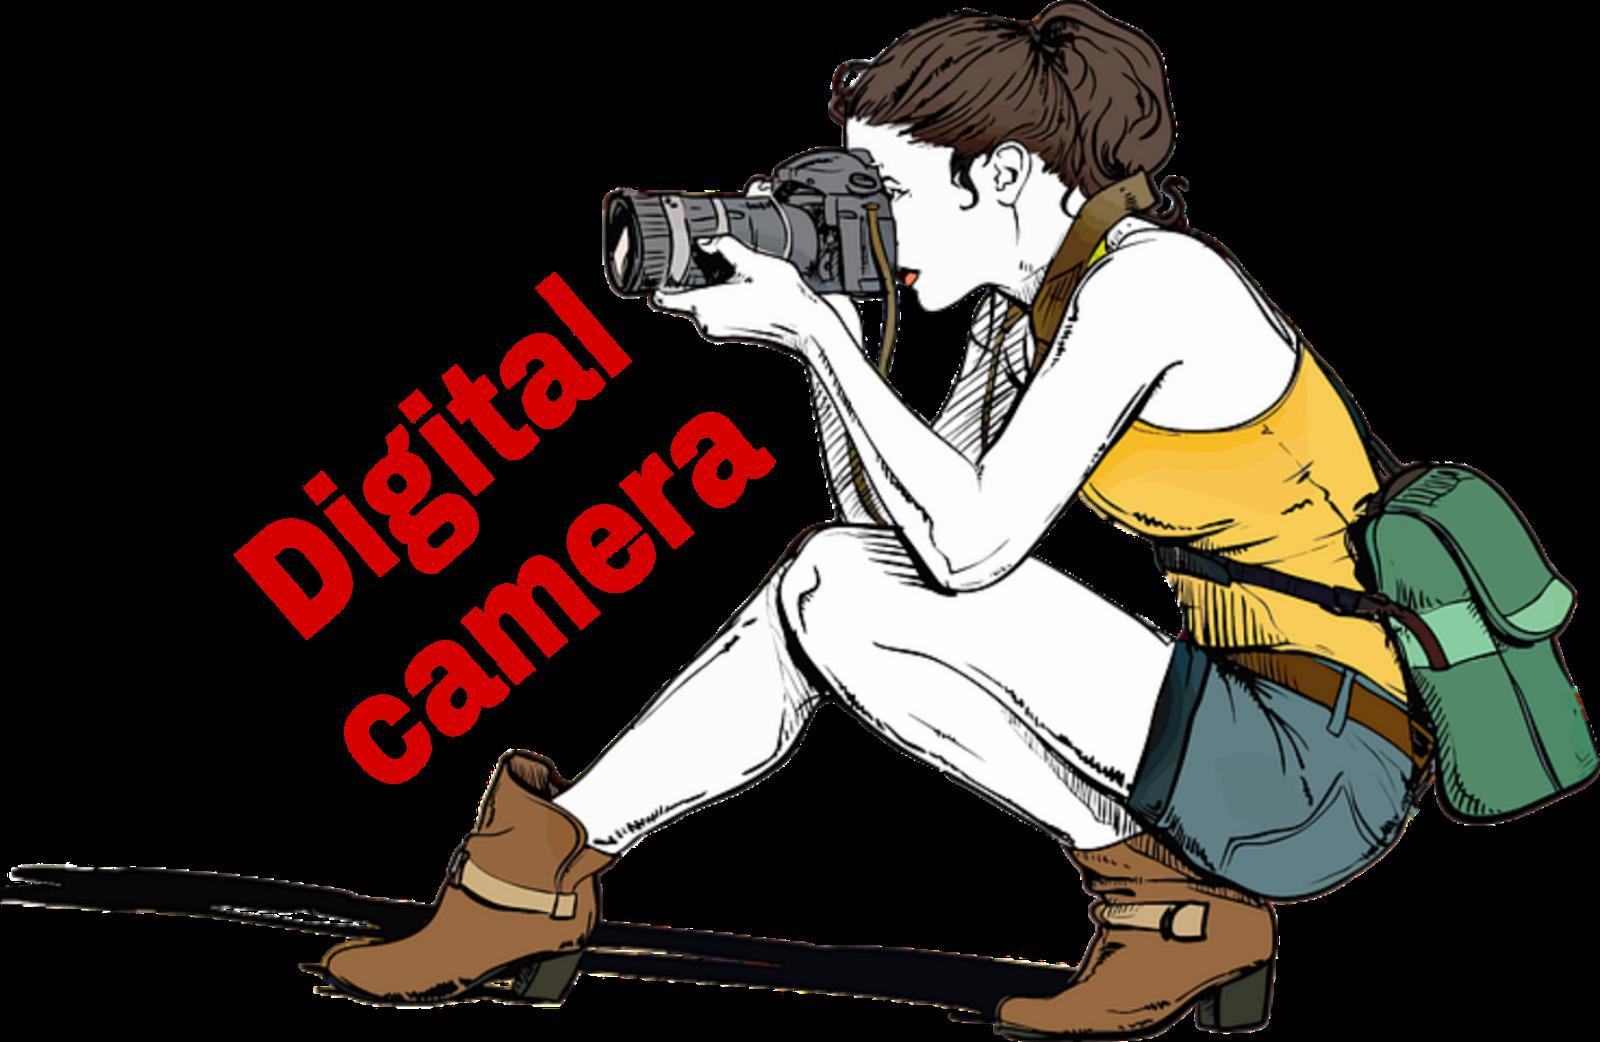 जानिए कब हुआ था ईमेल और डिजिटल कैमरा का आविष्कार ? – डिजिटल कैमरा की पूरी जानकारी